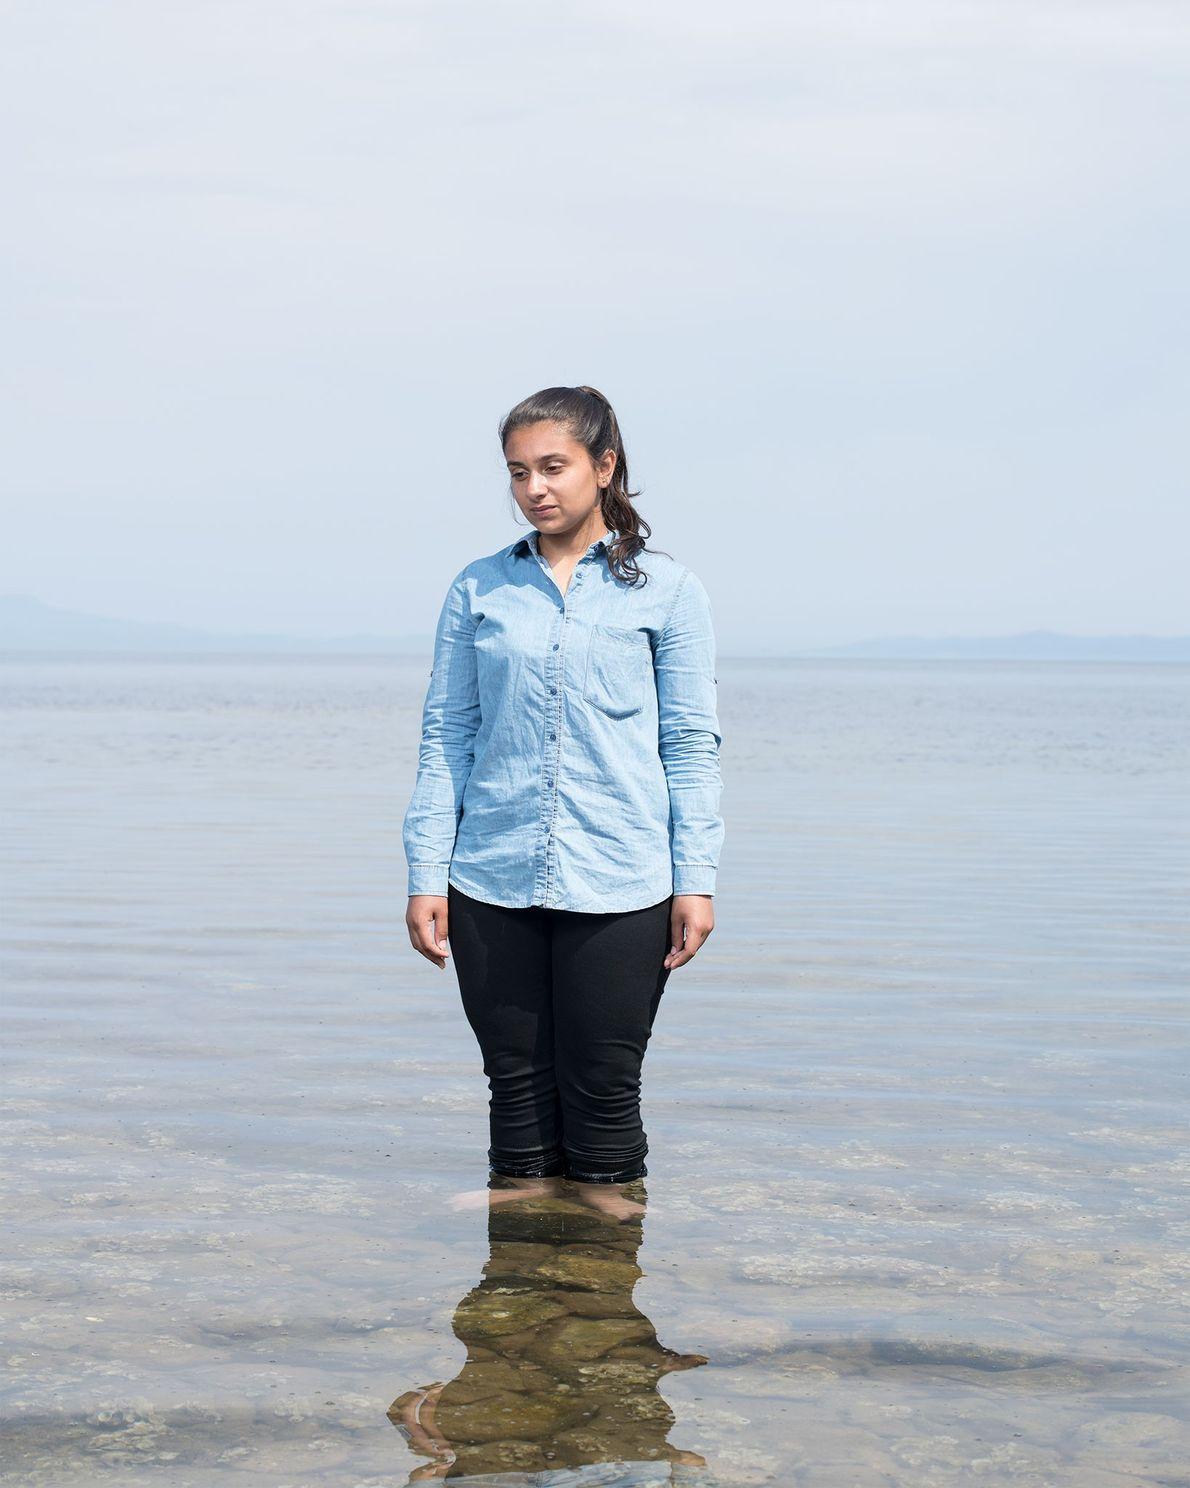 Après avoir passé deux mois sur l'île de Lesbos, Mariam Hamdan, 15 ans, n'a pas trouvé ...